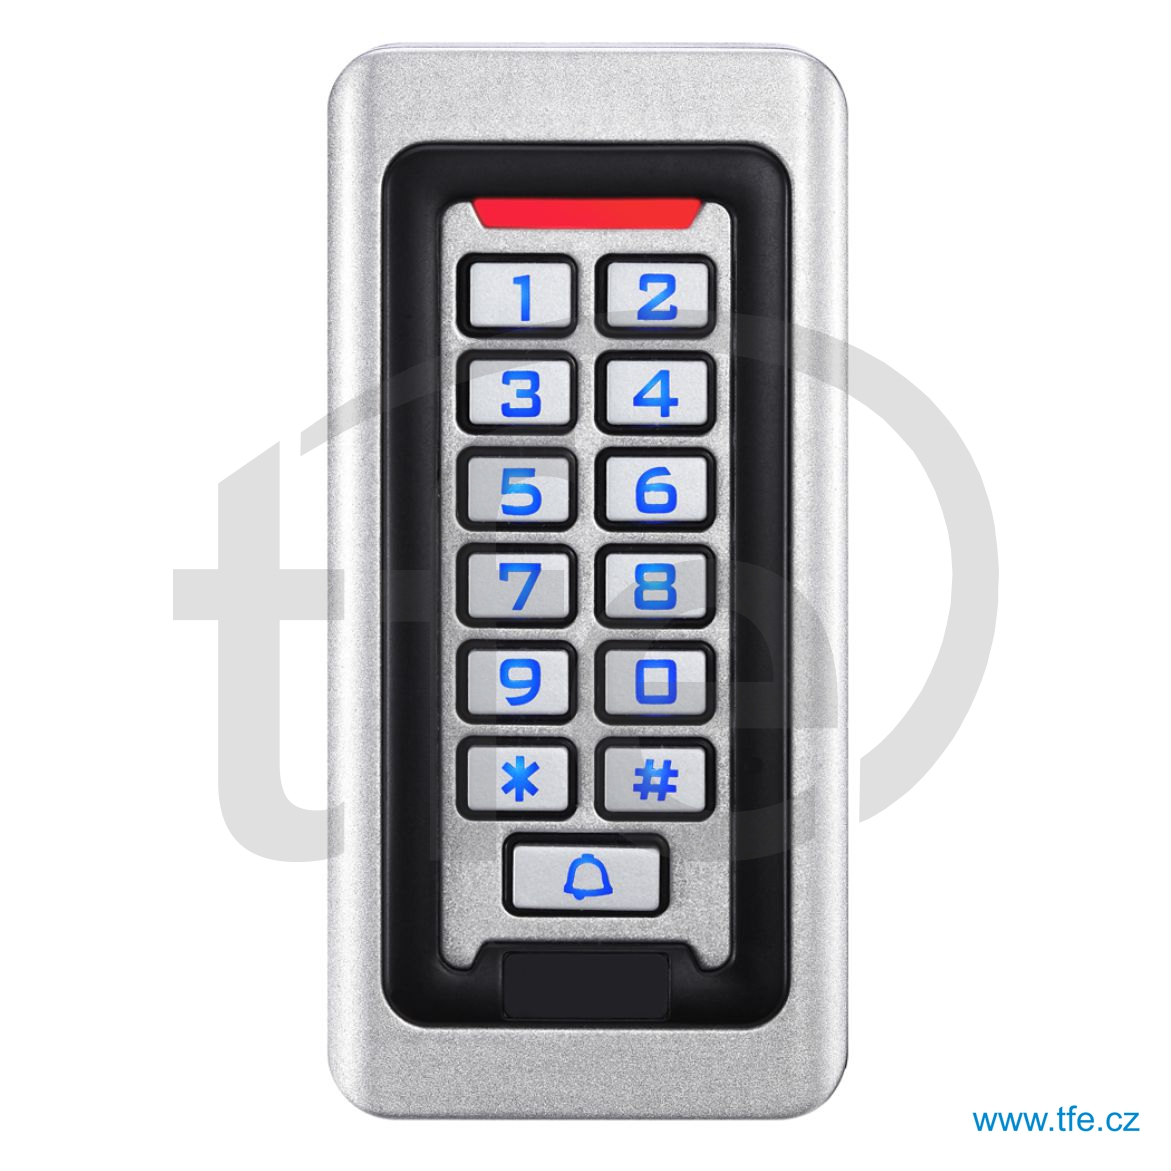 Venkovní přístupový systém s klávesnicí a čtečkou RFID ACK3W